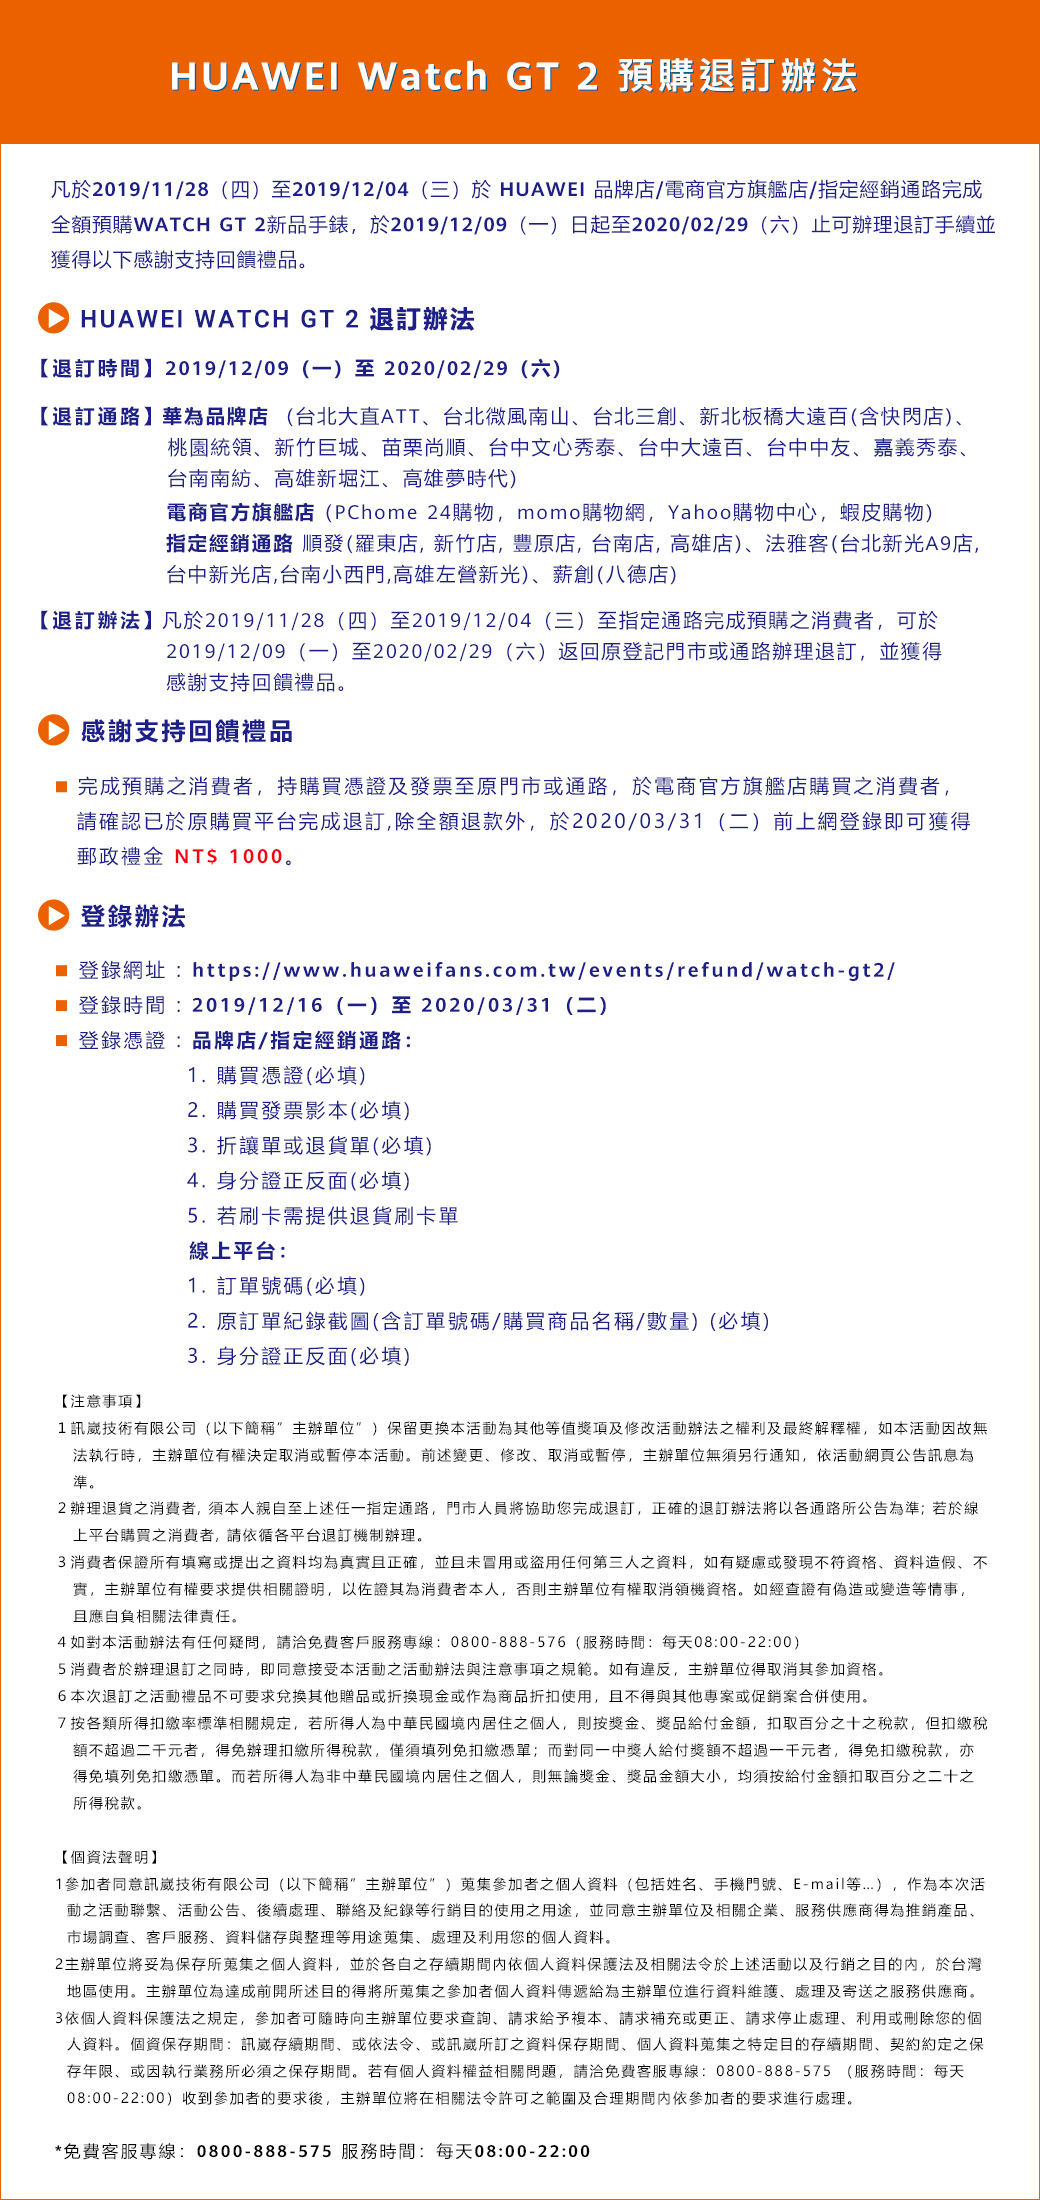 華為Mate30 Pro與WATCH GT 2確認取消台灣上市計畫,補償方案公佈